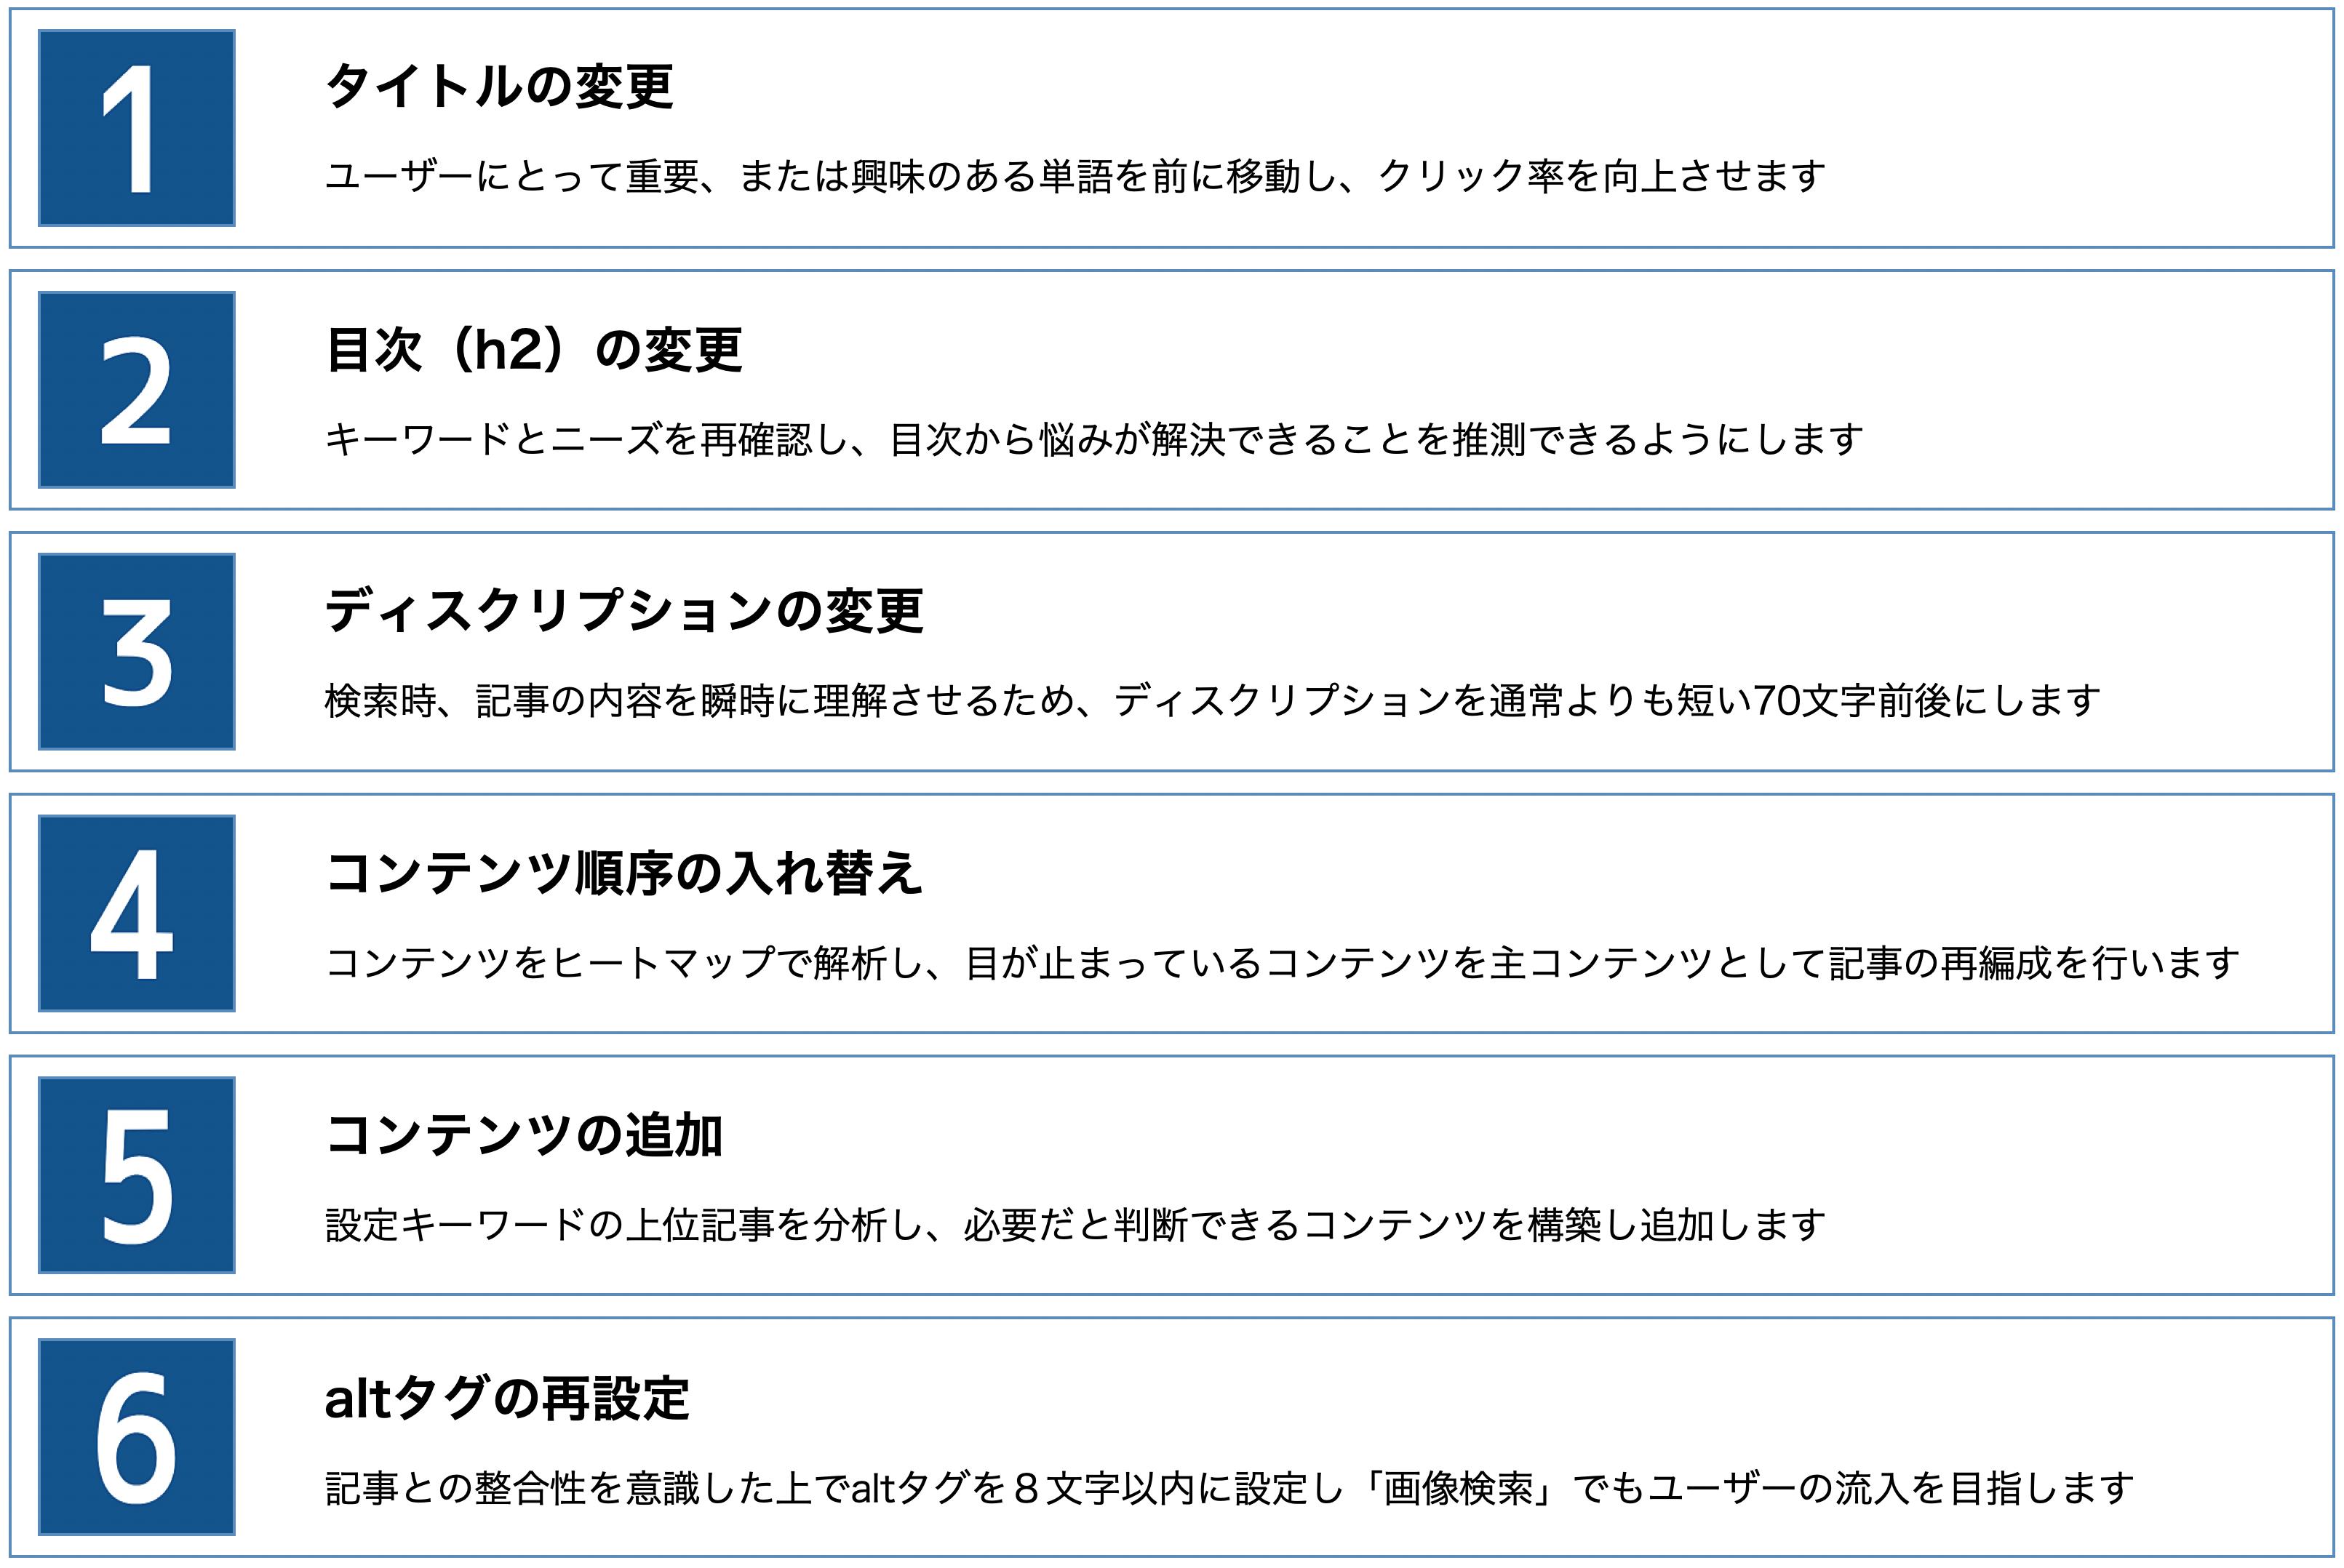 リライトの6つの基準